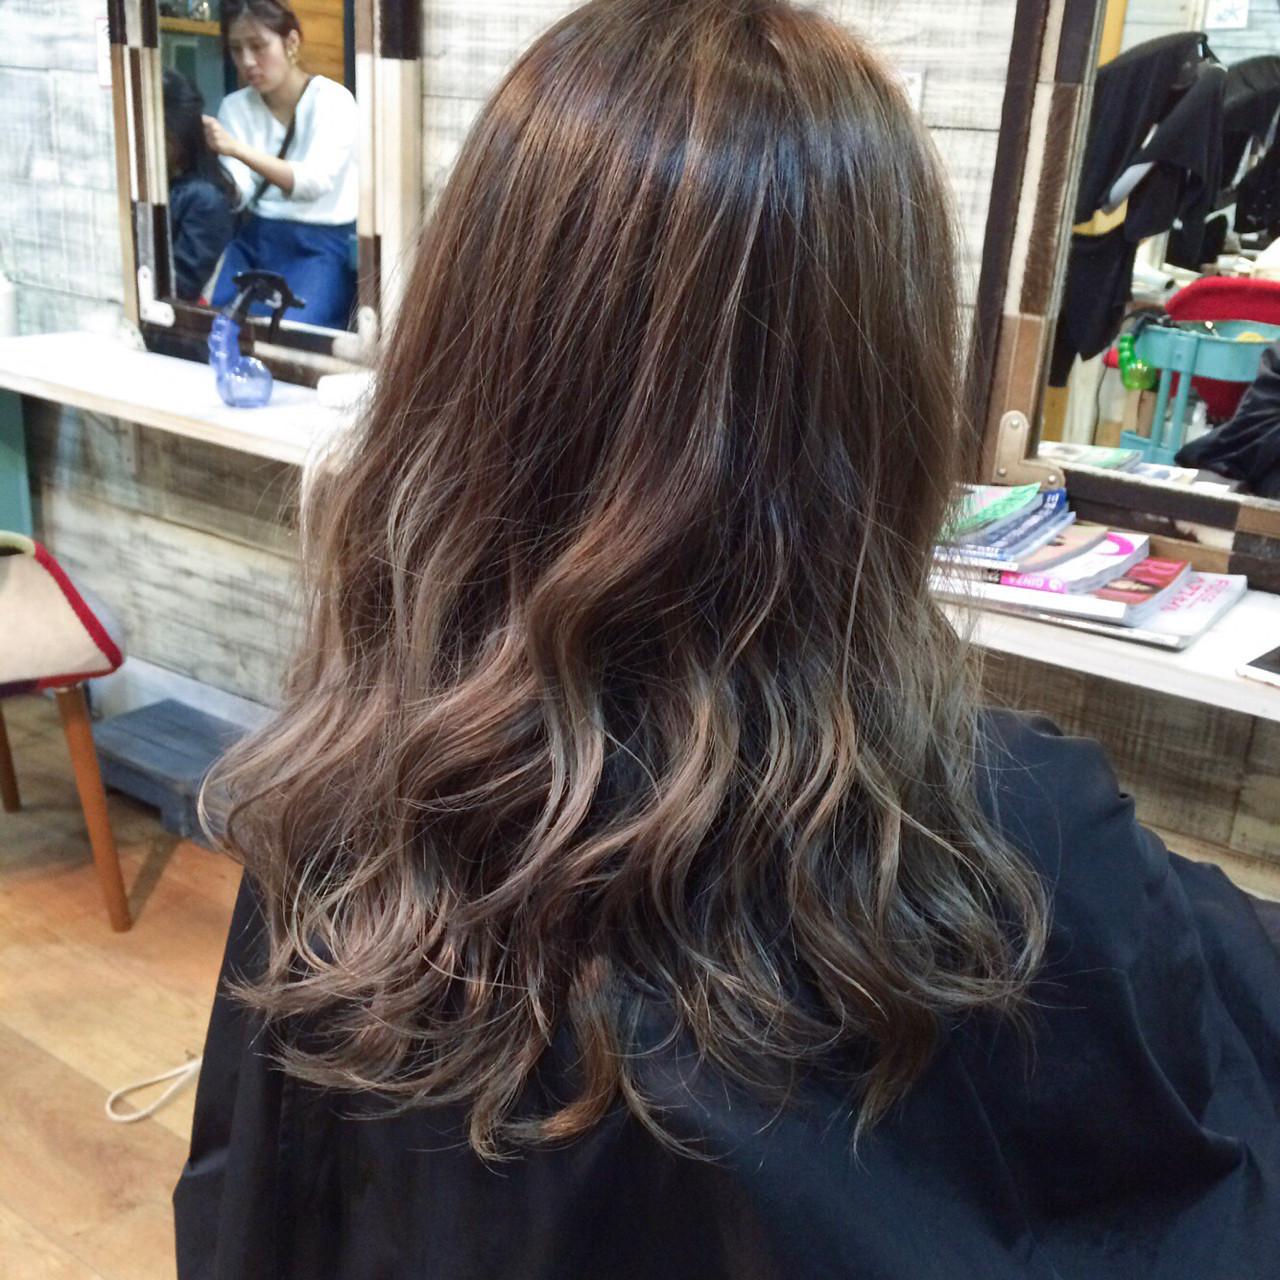 ダブルカラー ハイライト 外国人風カラー ナチュラル ヘアスタイルや髪型の写真・画像